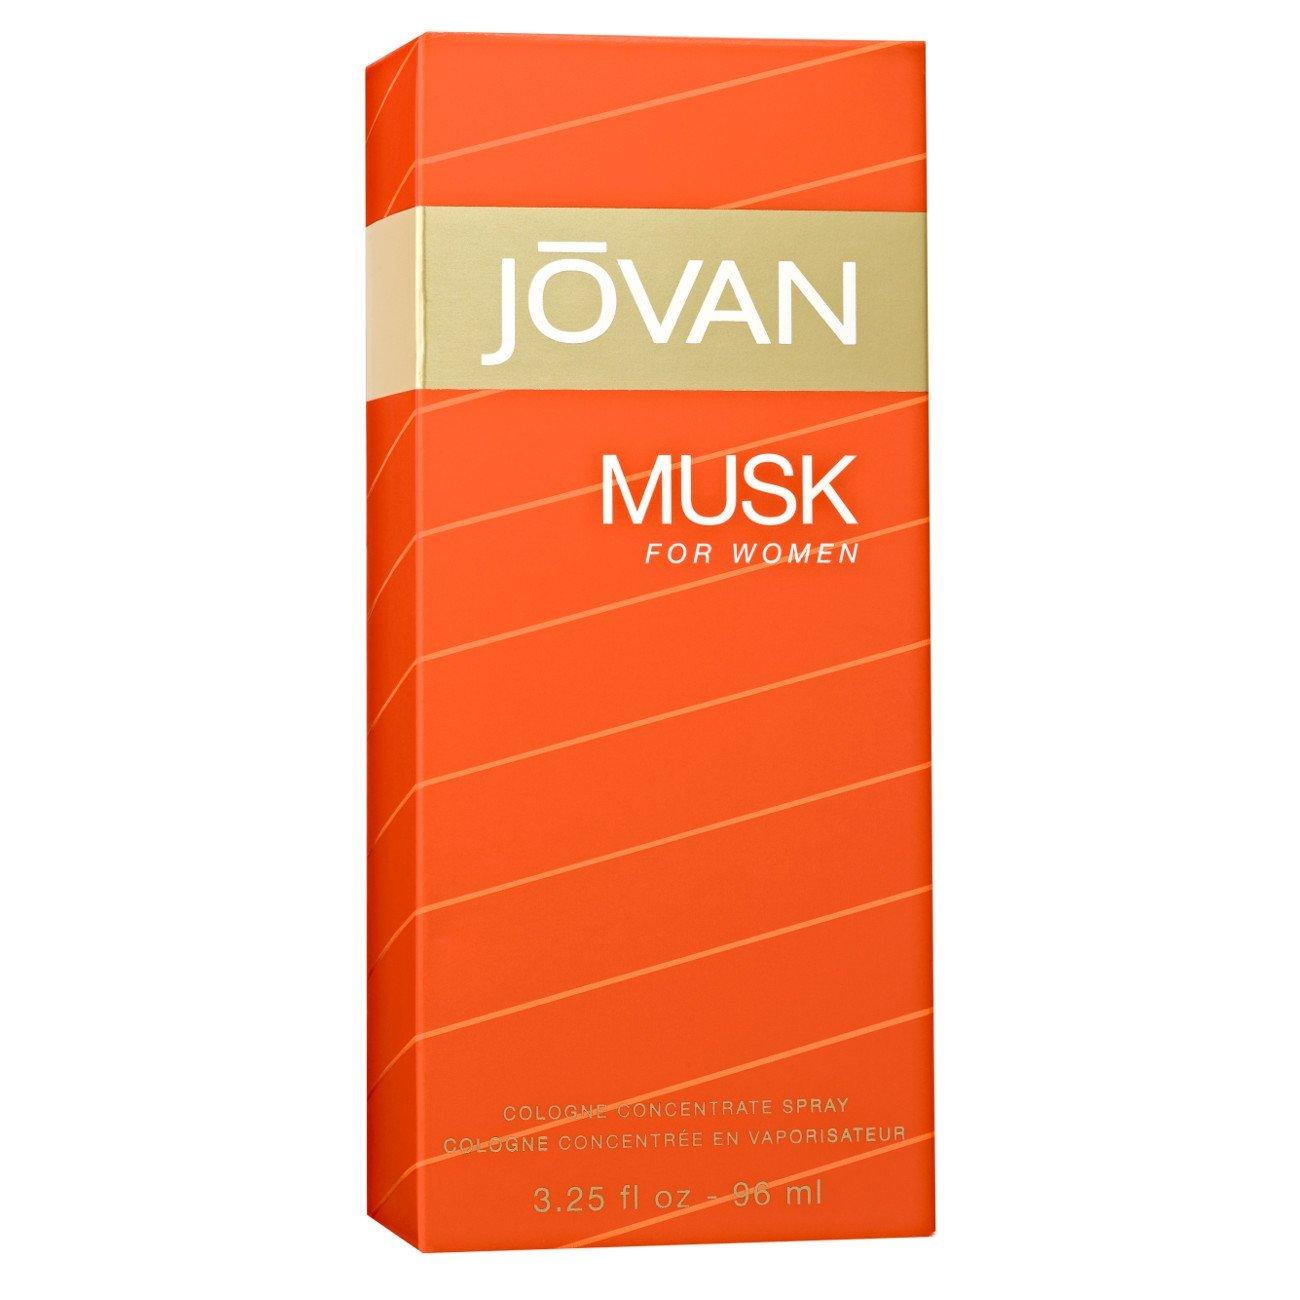 JOVAN MUSK BLACK 96ml EDT